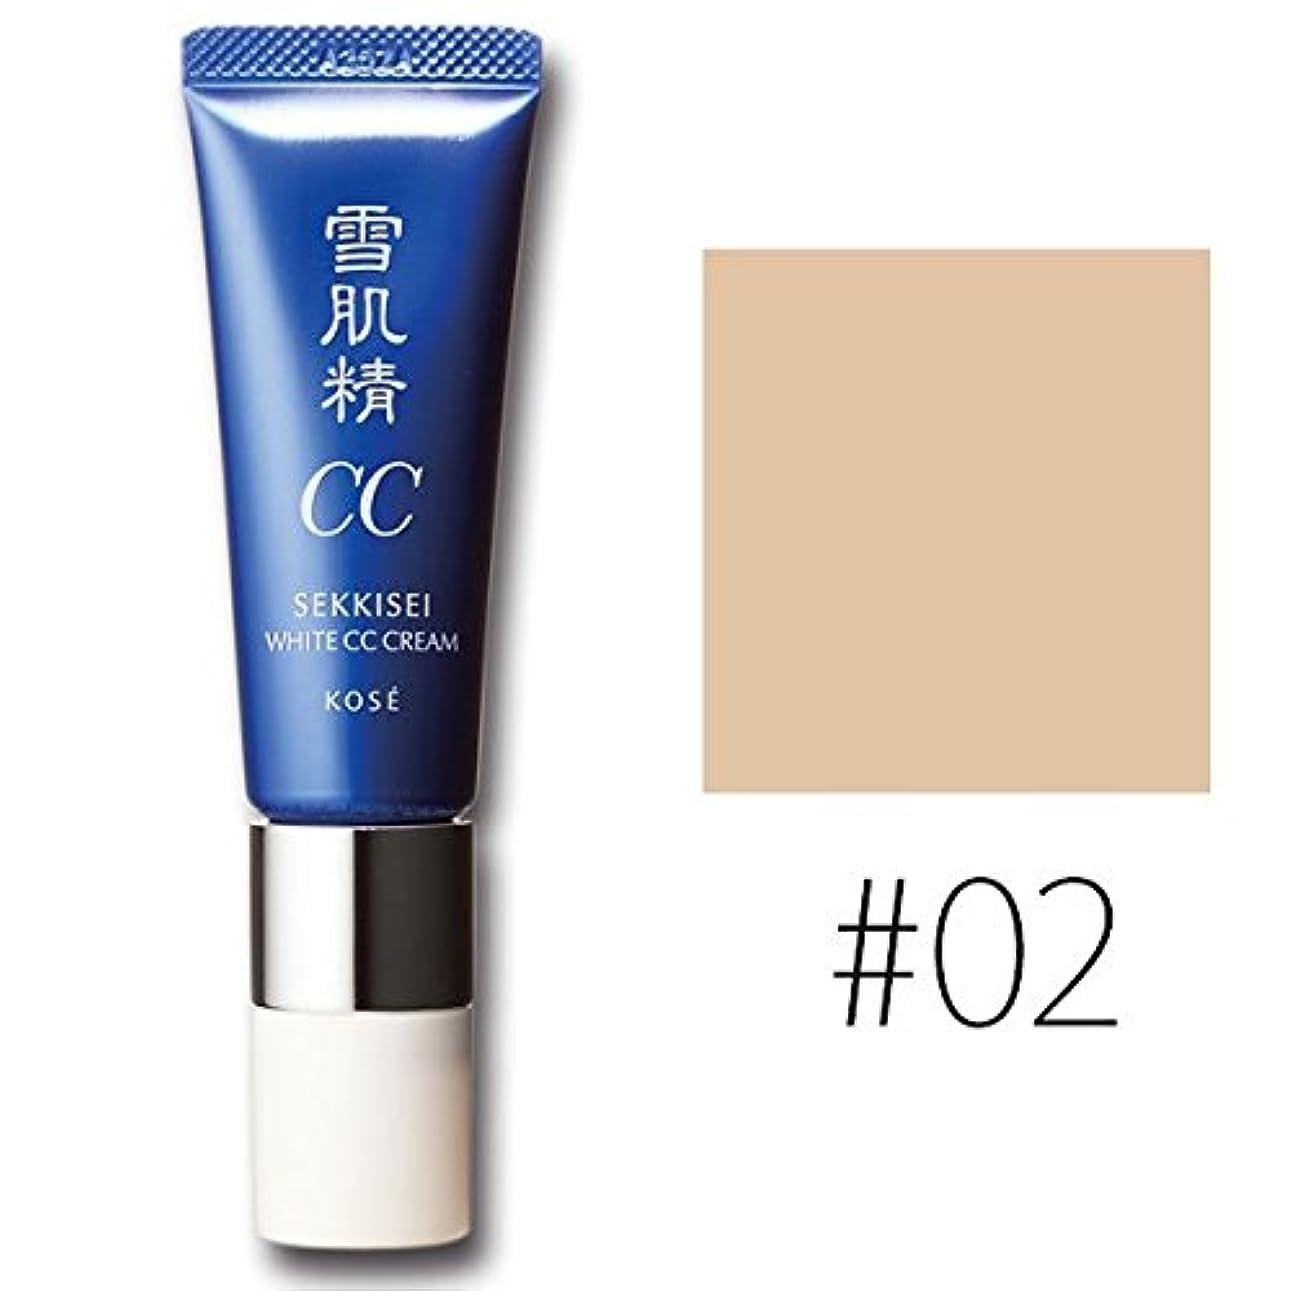 誇りに思うキャビンオッズコーセー 雪肌精 ホワイト CCクリーム【#02】 #OCHRE SPF50+/PA++++ 30g